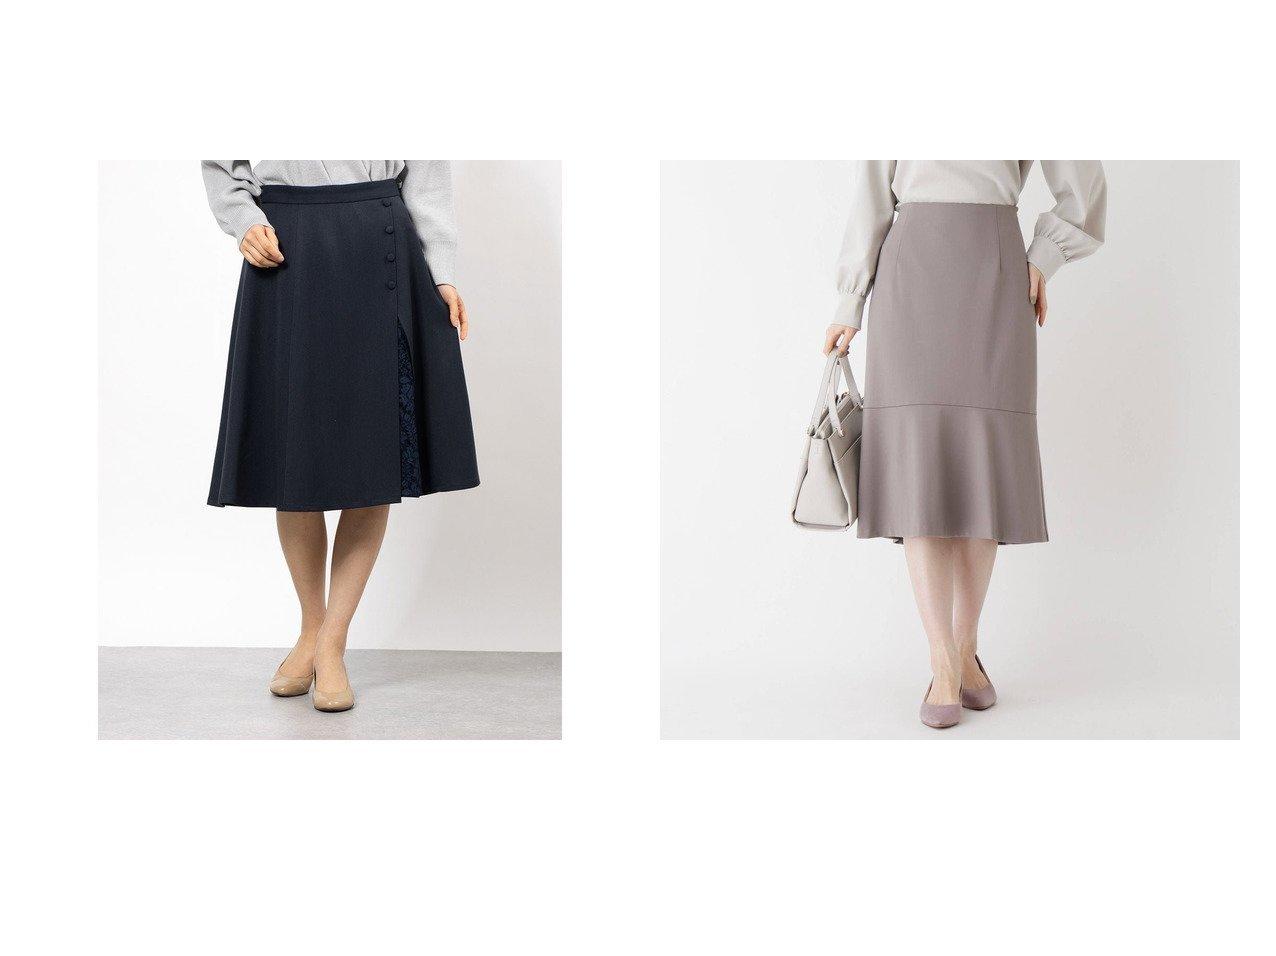 【Rewde/ルゥデ】のレース切替フレアスカート&【INDEX/インデックス】の【WEB限定】Carremanポンチセミフレアスカート スカートのおすすめ!人気、トレンド・レディースファッションの通販  おすすめで人気の流行・トレンド、ファッションの通販商品 メンズファッション・キッズファッション・インテリア・家具・レディースファッション・服の通販 founy(ファニー) https://founy.com/ ファッション Fashion レディースファッション WOMEN スカート Skirt Aライン/フレアスカート Flared A-Line Skirts 2020年 2020 2020-2021 秋冬 A/W AW Autumn/Winter / FW Fall-Winter 2020-2021 A/W 秋冬 AW Autumn/Winter / FW Fall-Winter フレア レース 切替 春 Spring ジャケット ストレッチ セットアップ パターン フランス ポケット 2021年 2021 S/S 春夏 SS Spring/Summer 2021 春夏 S/S SS Spring/Summer 2021 |ID:crp329100000019245